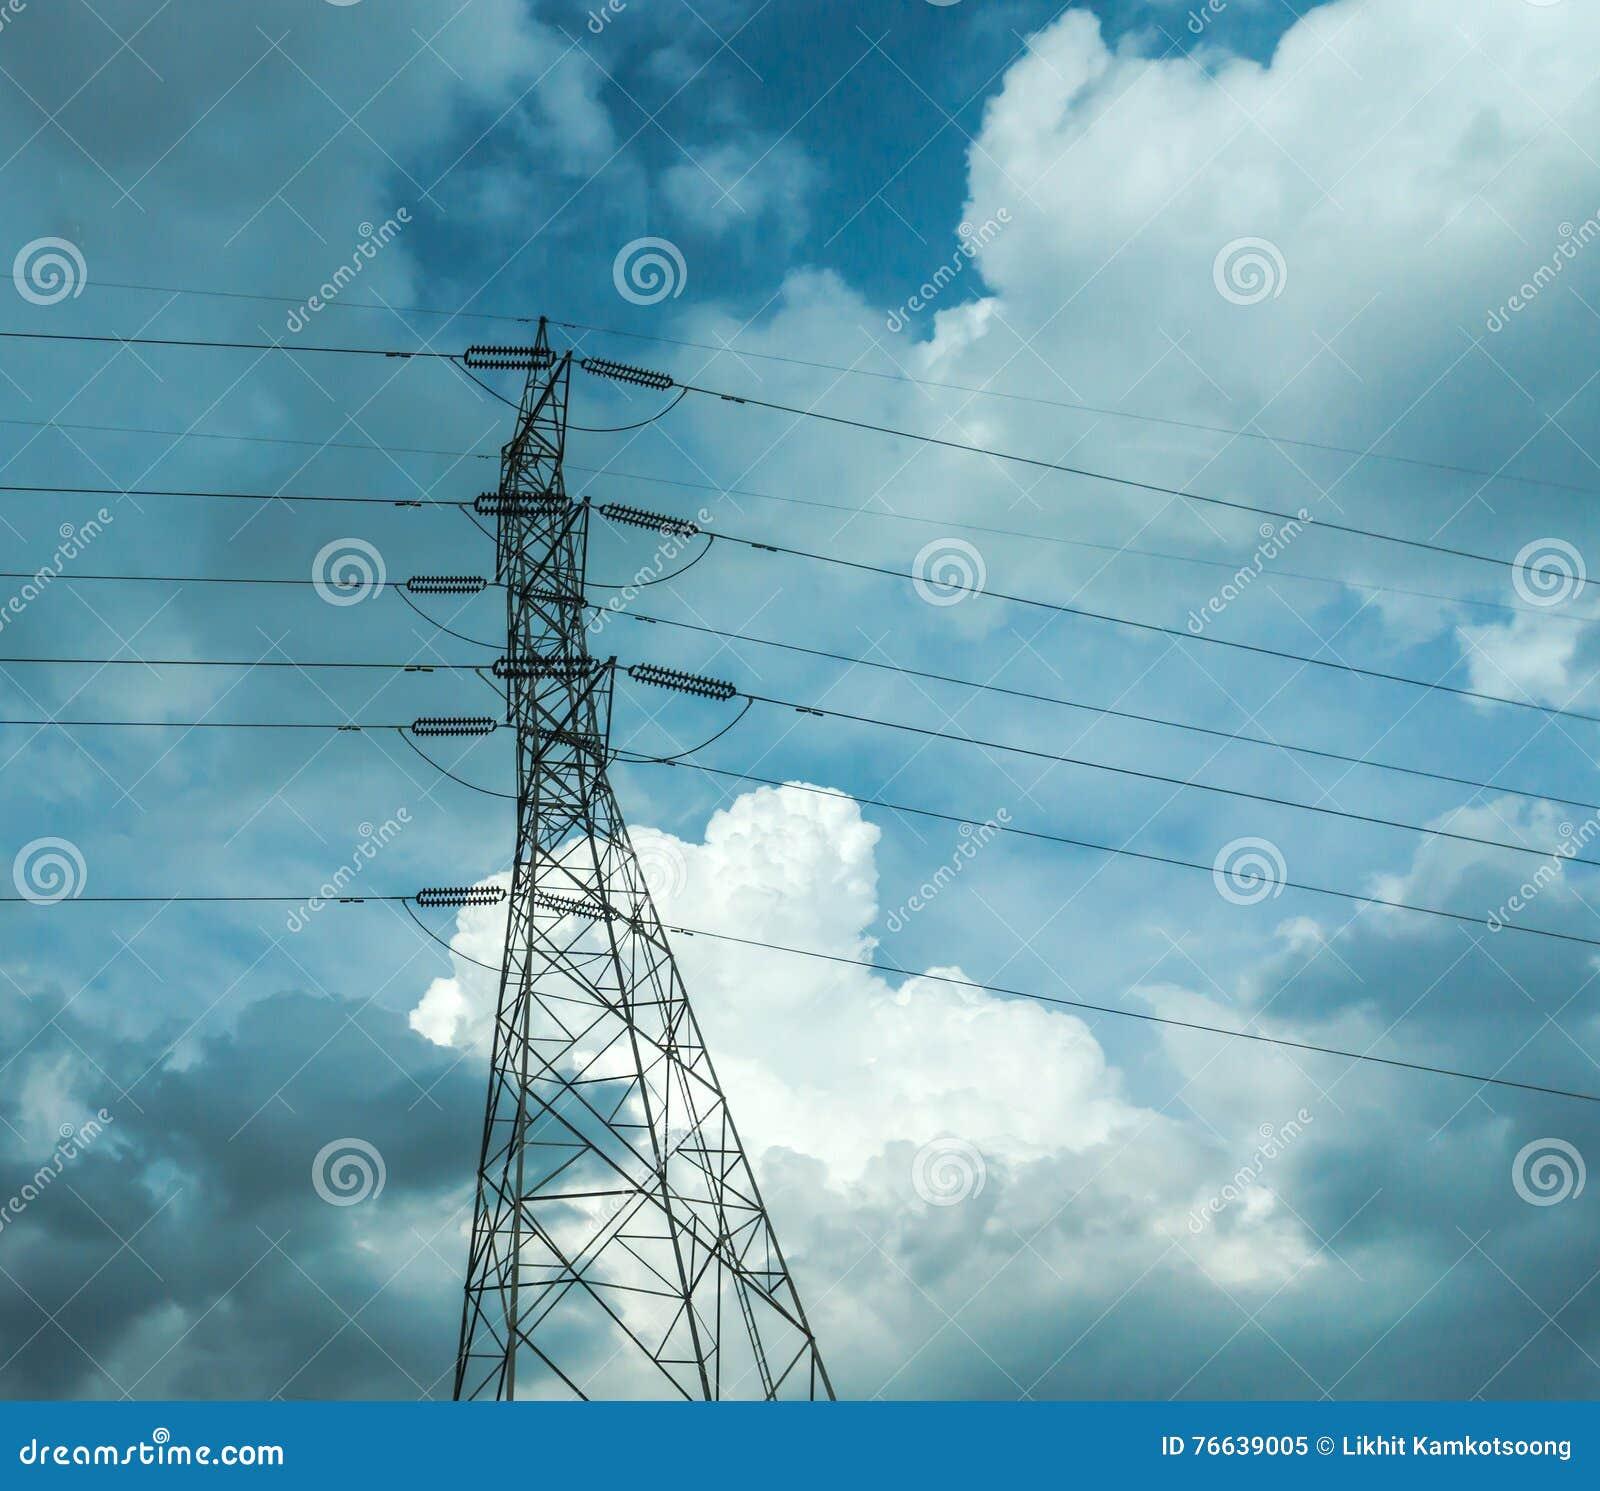 Polos eléctricos del alto voltaje en la nube blanca y el cielo azul/líneas eléctricas y alambres eléctricos del polo con el cielo